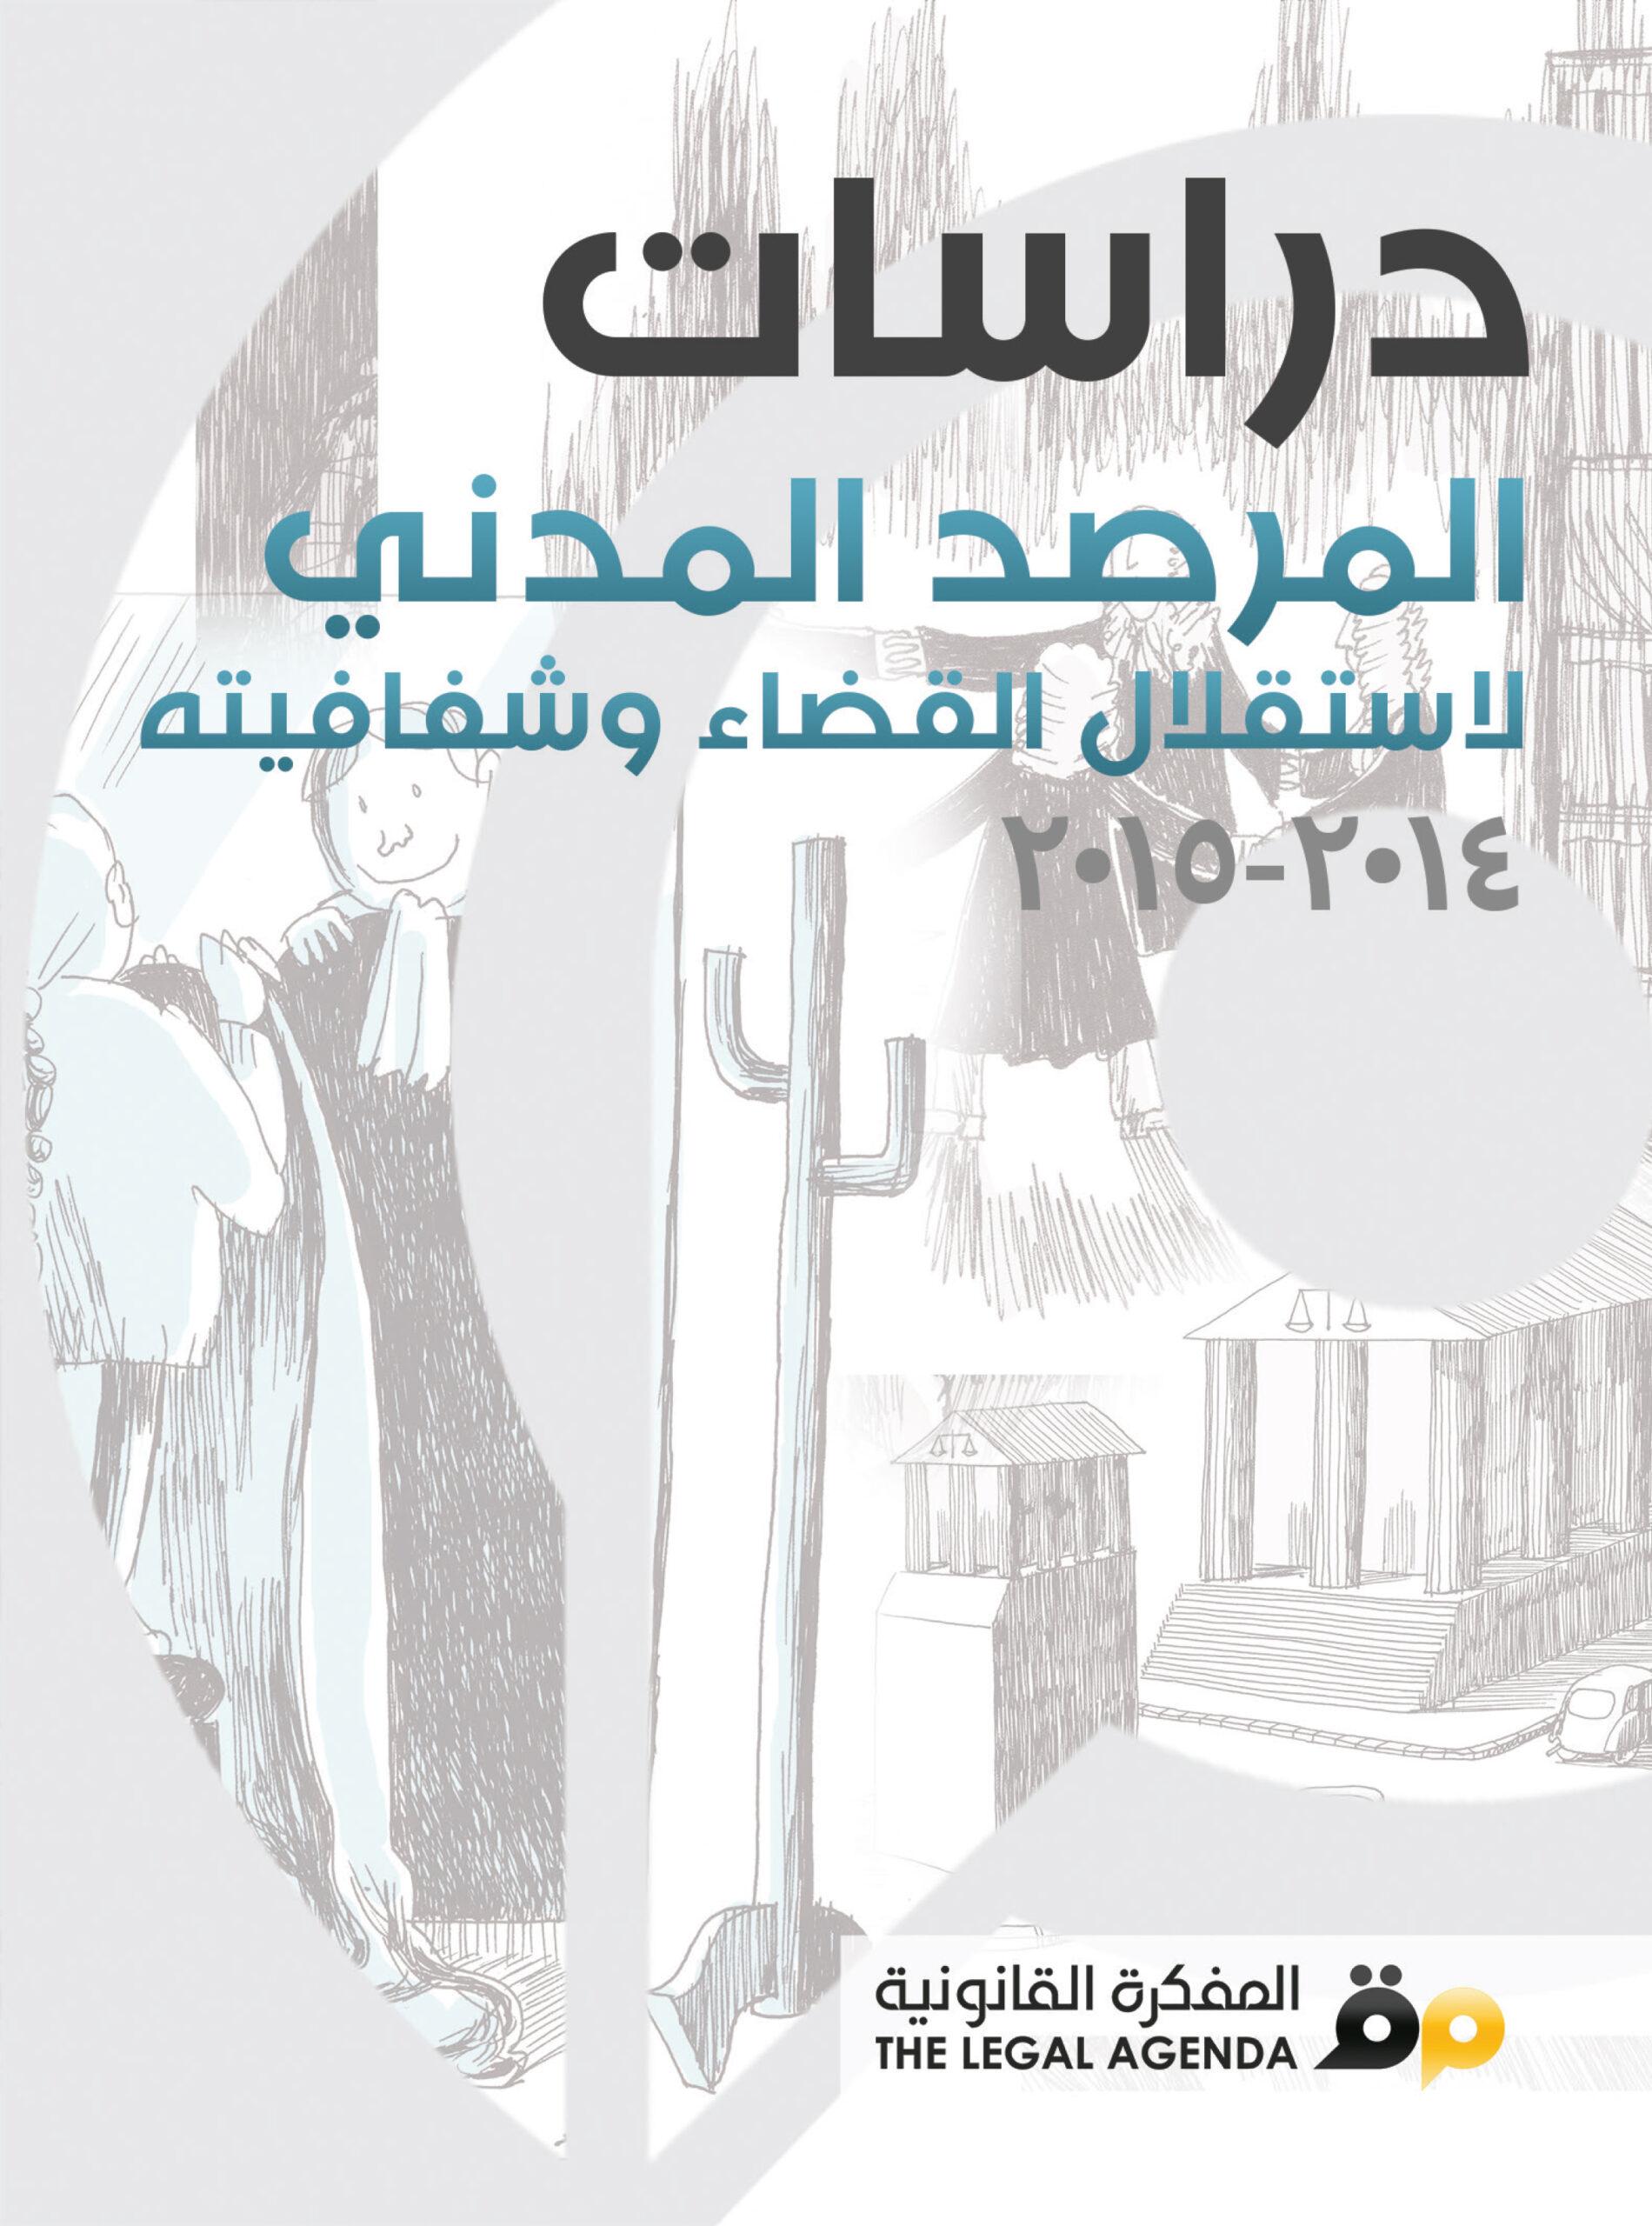 دراسات المرصد المدني لإستقلال القضاء وشفافيته 2014-2015